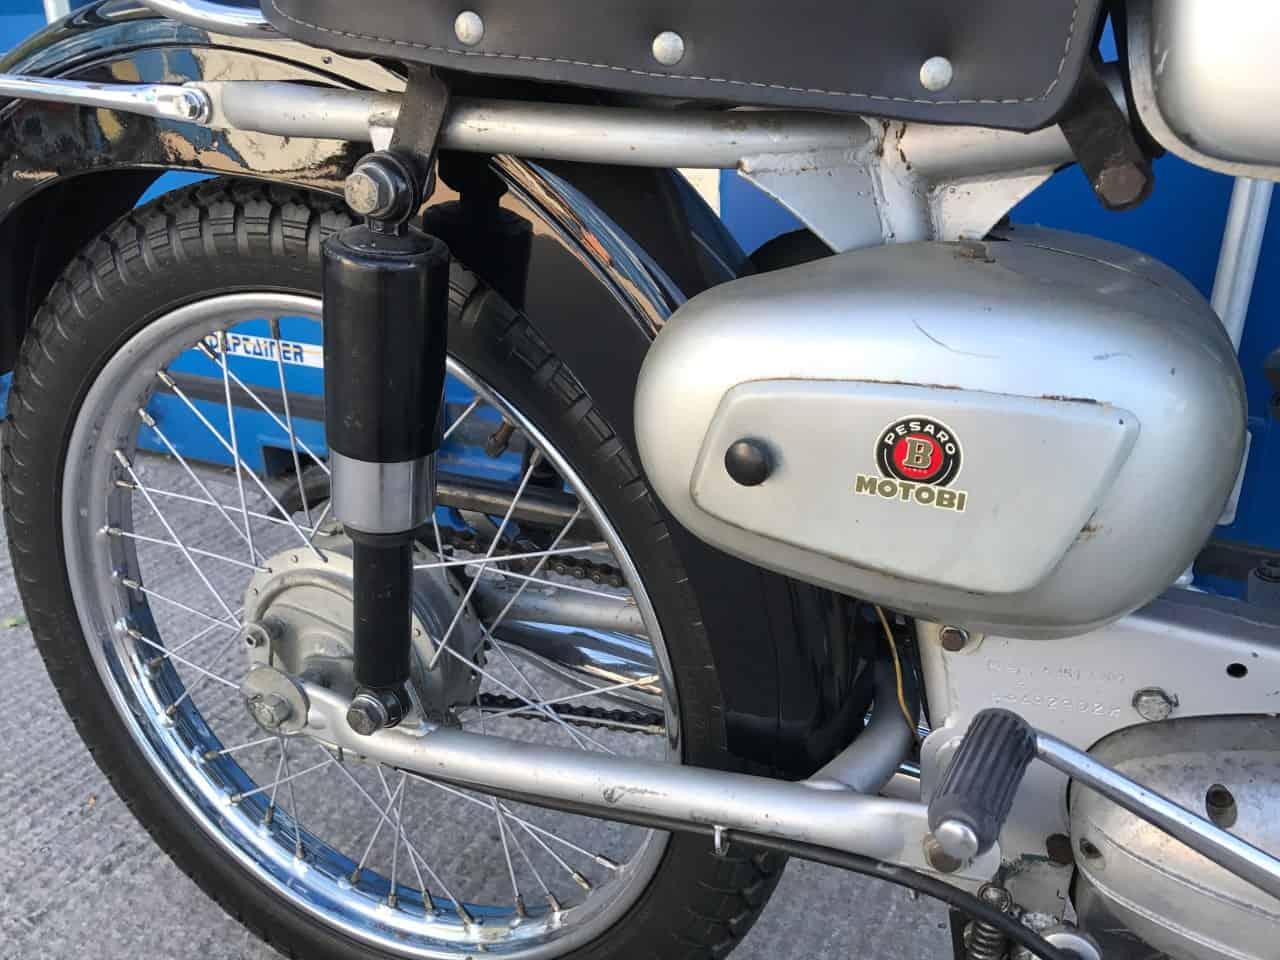 MOTOBI AMERICA 50cc 1968